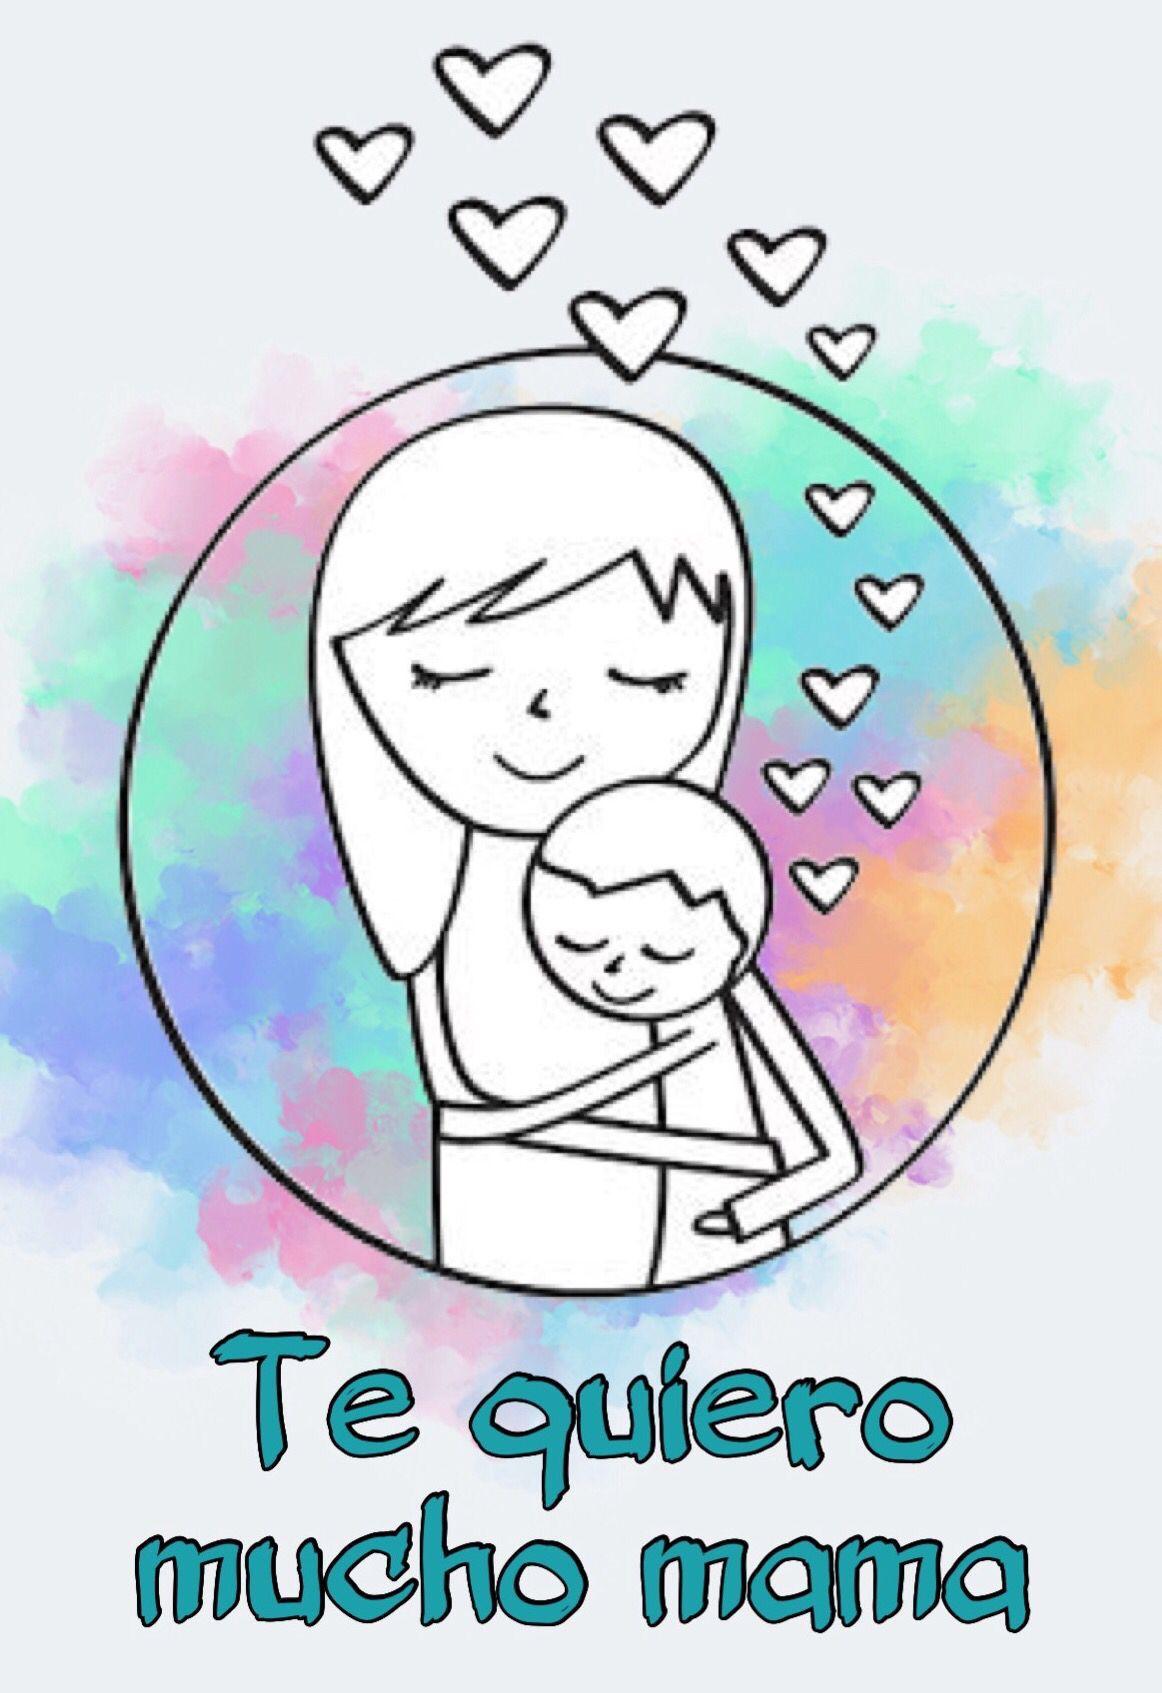 15 Mama E Hijo Abrazados Dibujo Para Mama Pintura De Madre E Hijo Besos Y Abrazos